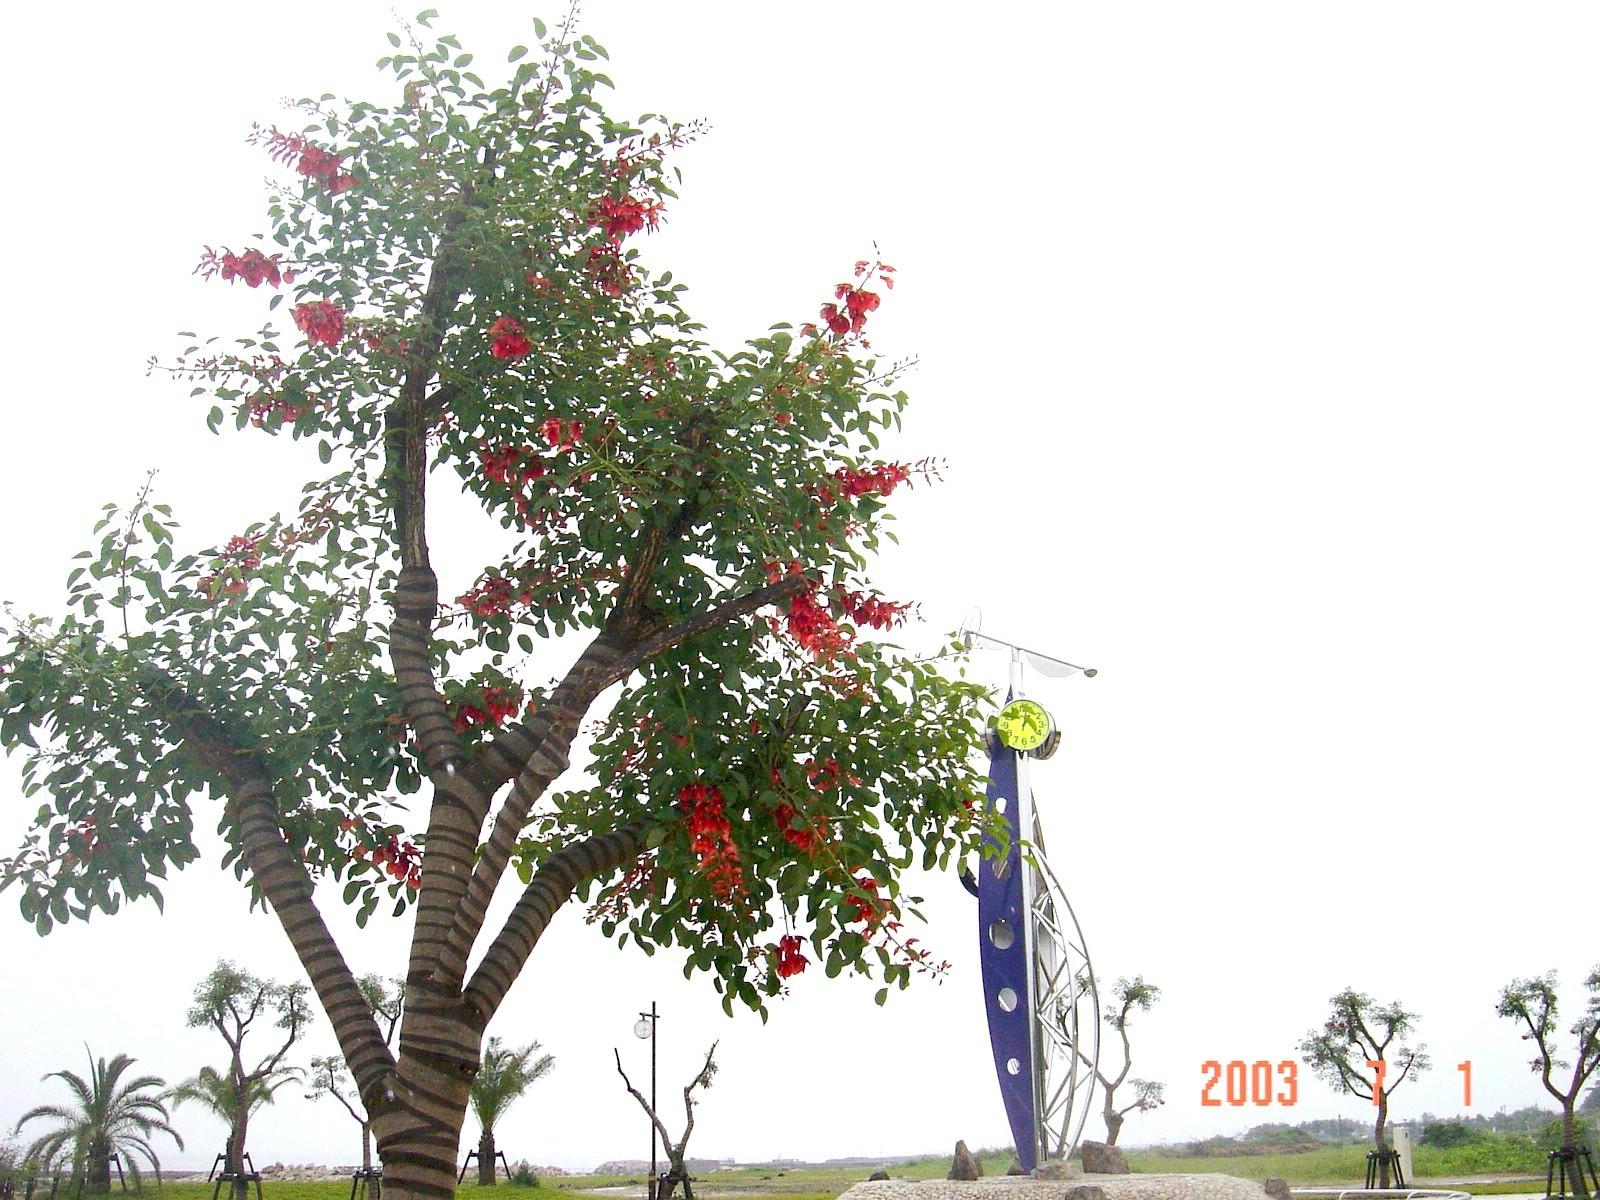 うみべの森の歴史⑭「2003年7月の活動」_c0108460_12205342.jpg